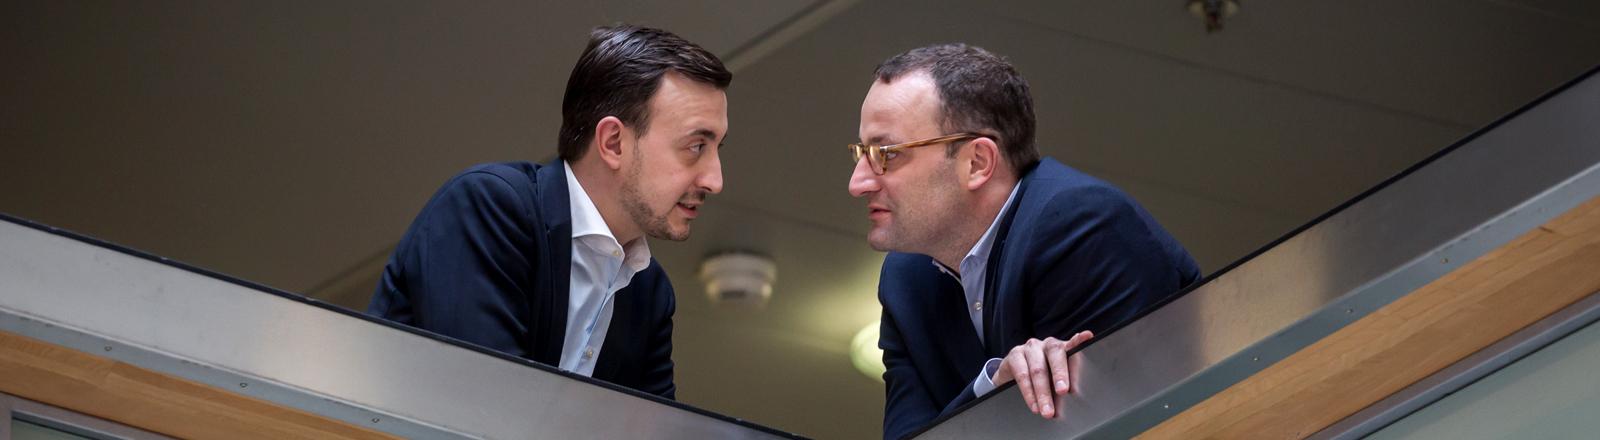 Paul Ziemiak, Vorsitzender der Jungen Union  und Jens Spahn